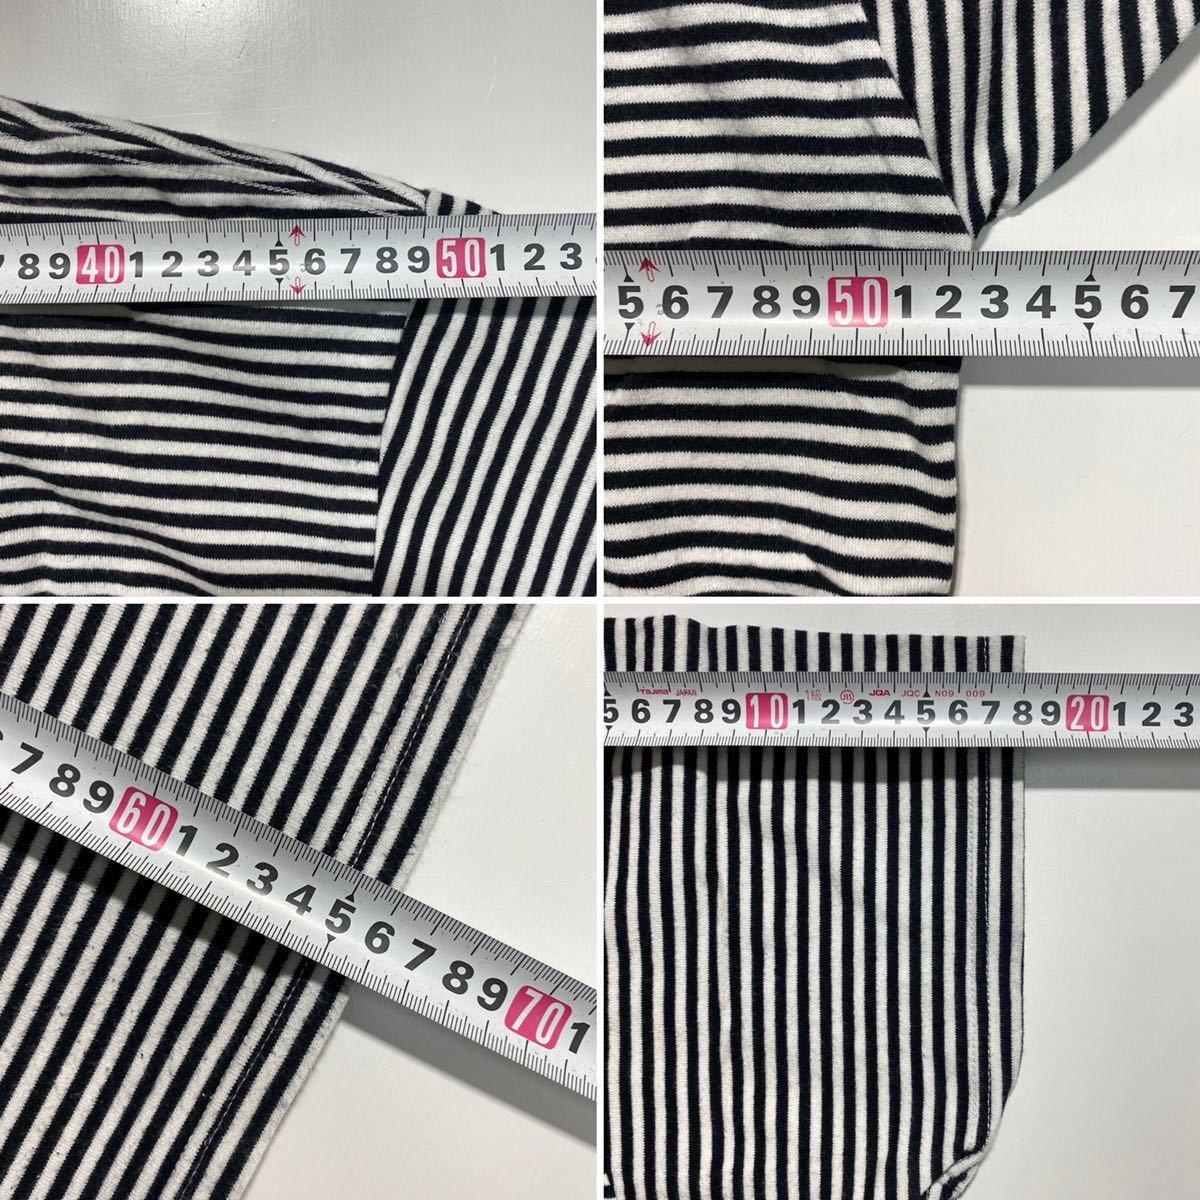 【2】uniform experiment Fragment design Border Tee ユニフォーム エクスペリメント フラグメントデザイン ボーダー Tシャツ G484_画像8